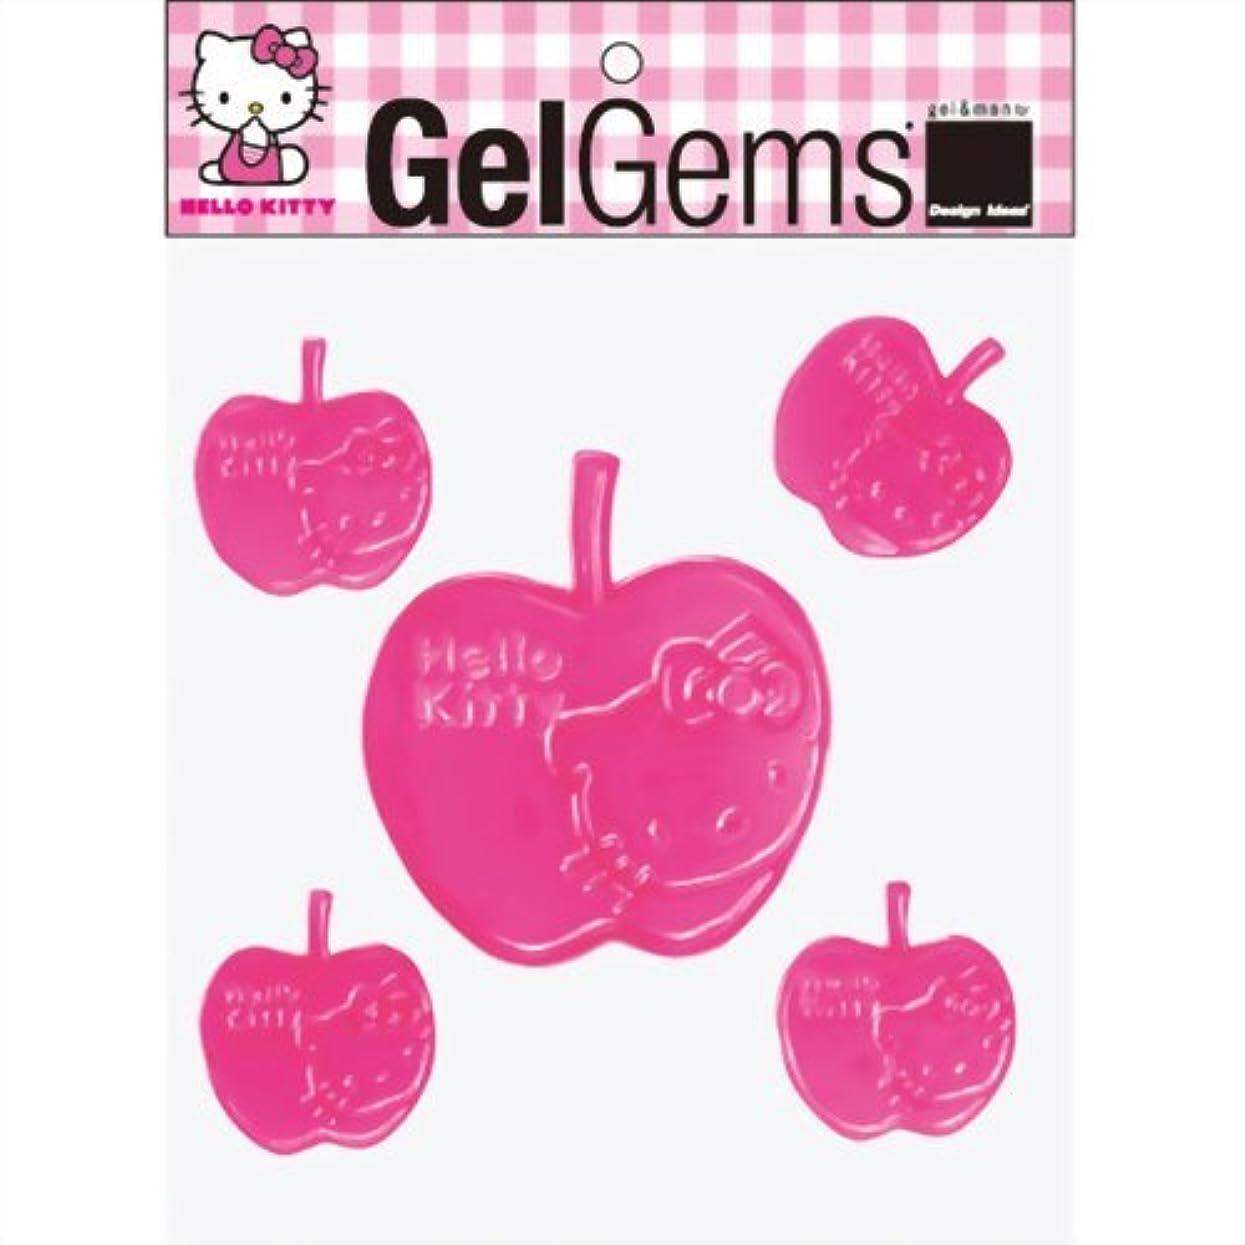 保存する傀儡中止しますジェルジェムハローキティバッグS 「 ピンクリンゴ 」 E1200002